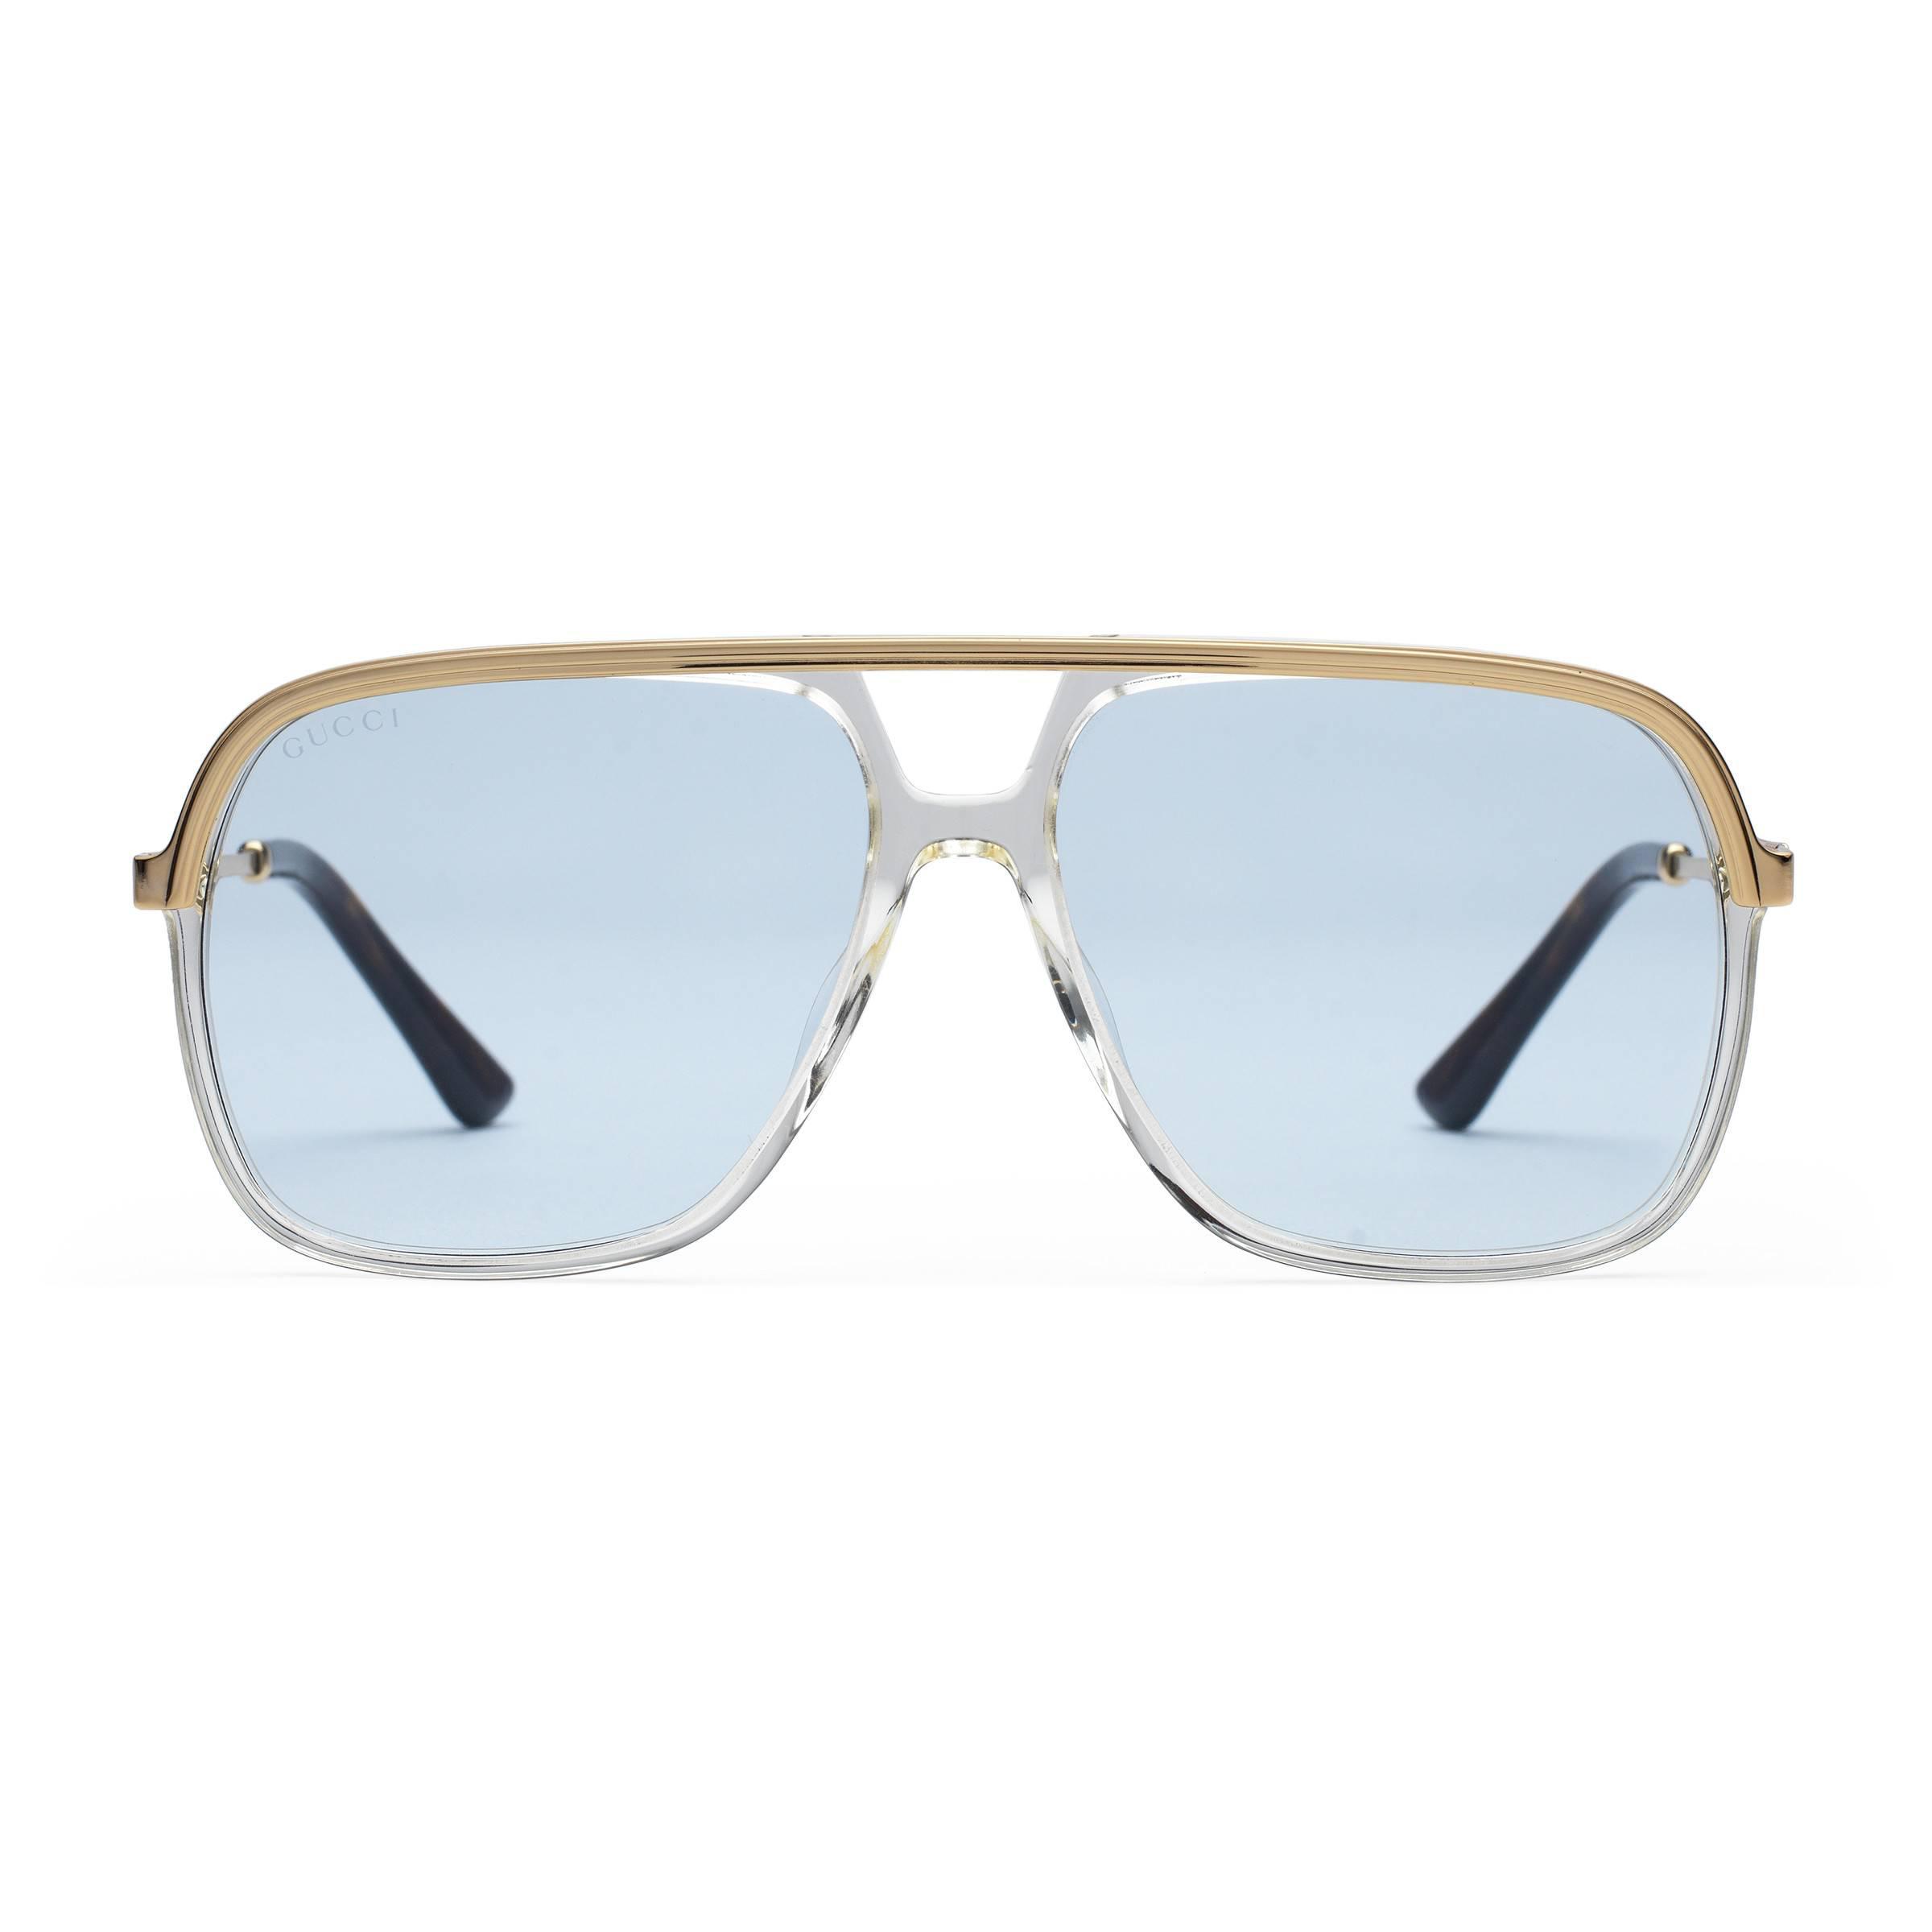 4ef1dee7bcf137 Lyst - Lunettes de soleil rectangulaires en métal Gucci pour homme ...